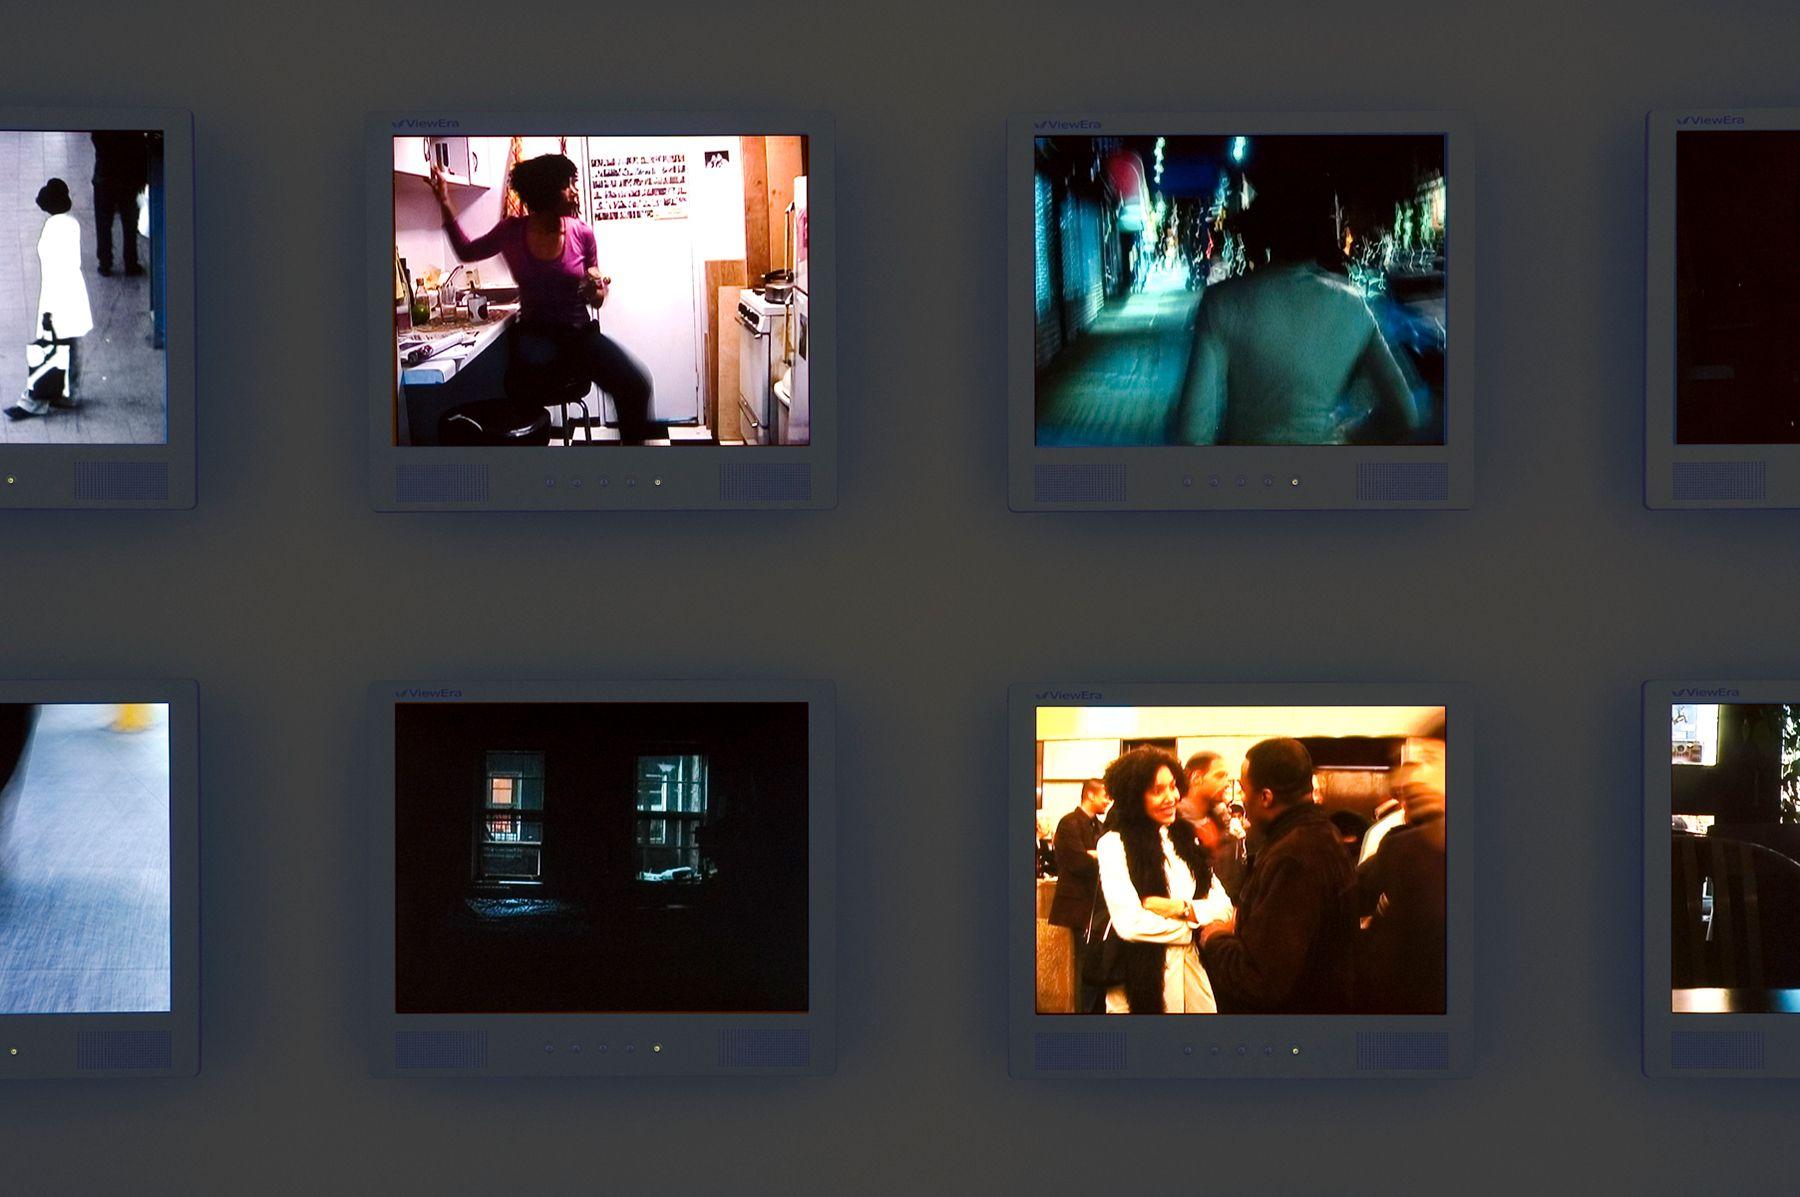 31, 2002 (installation view)